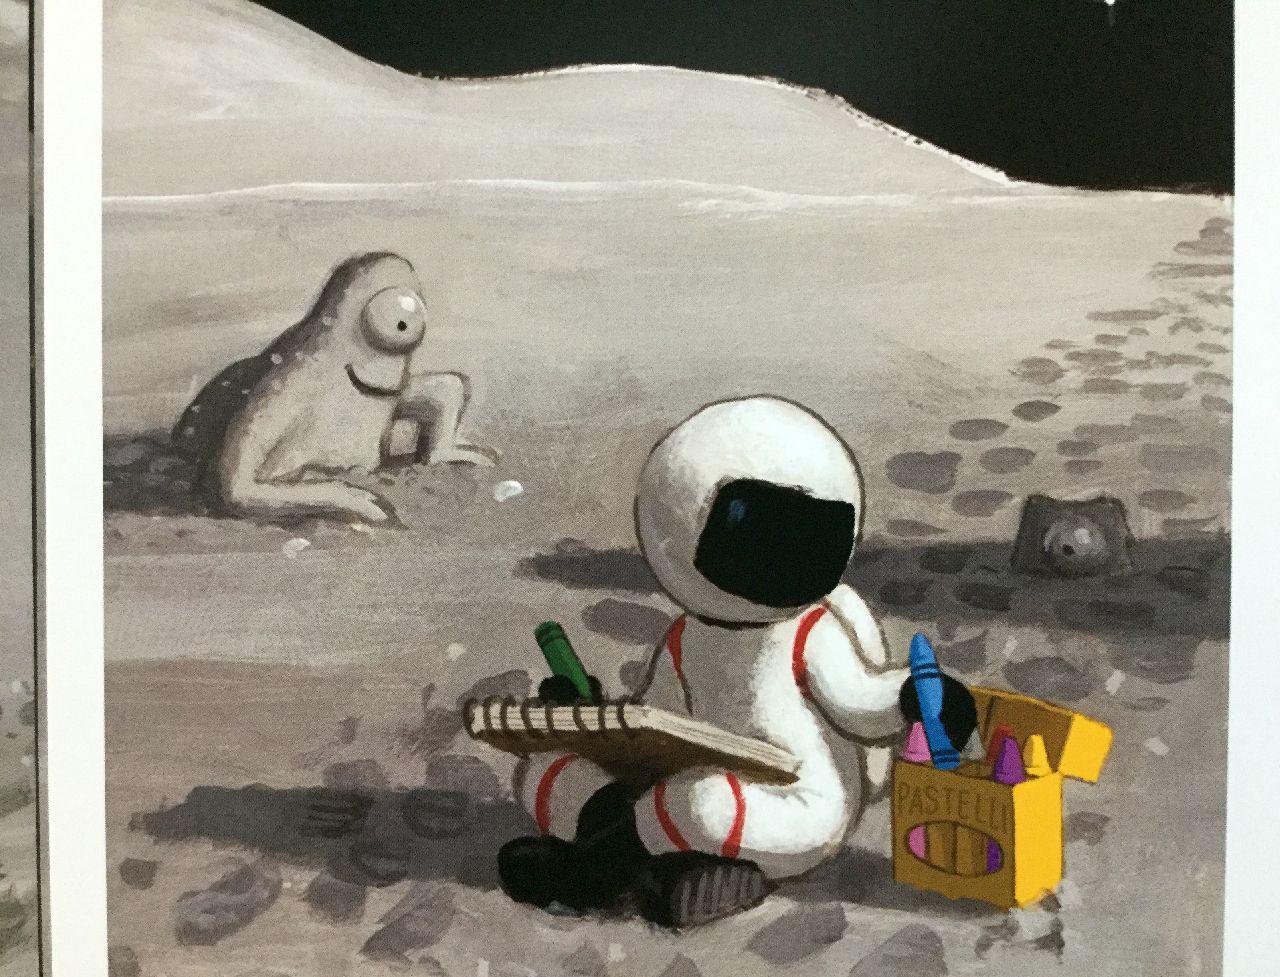 John Hare, Gita sulla luna, Babalibri